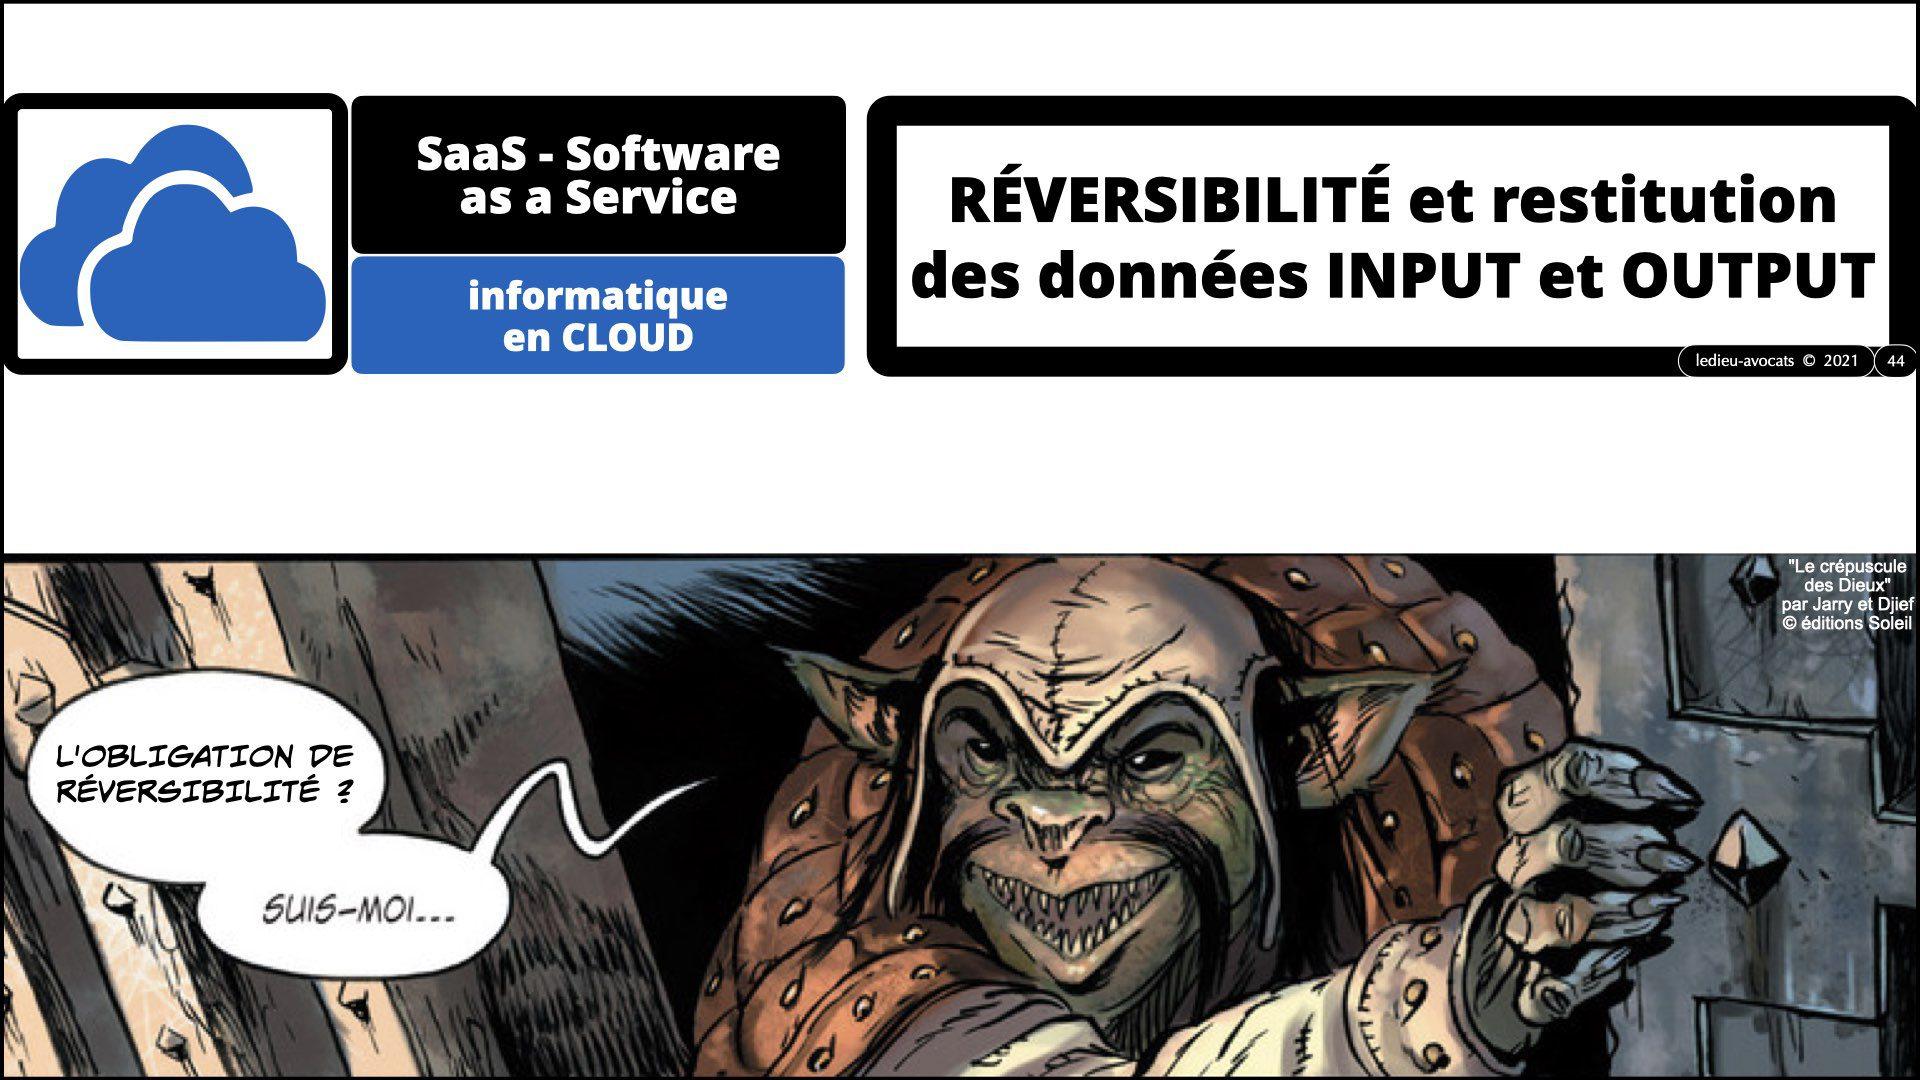 343 service LOGICIEL SaaS Software-as-a-Service cloud computing © Ledieu-Avocats technique droit numerique 30-08-2021.044